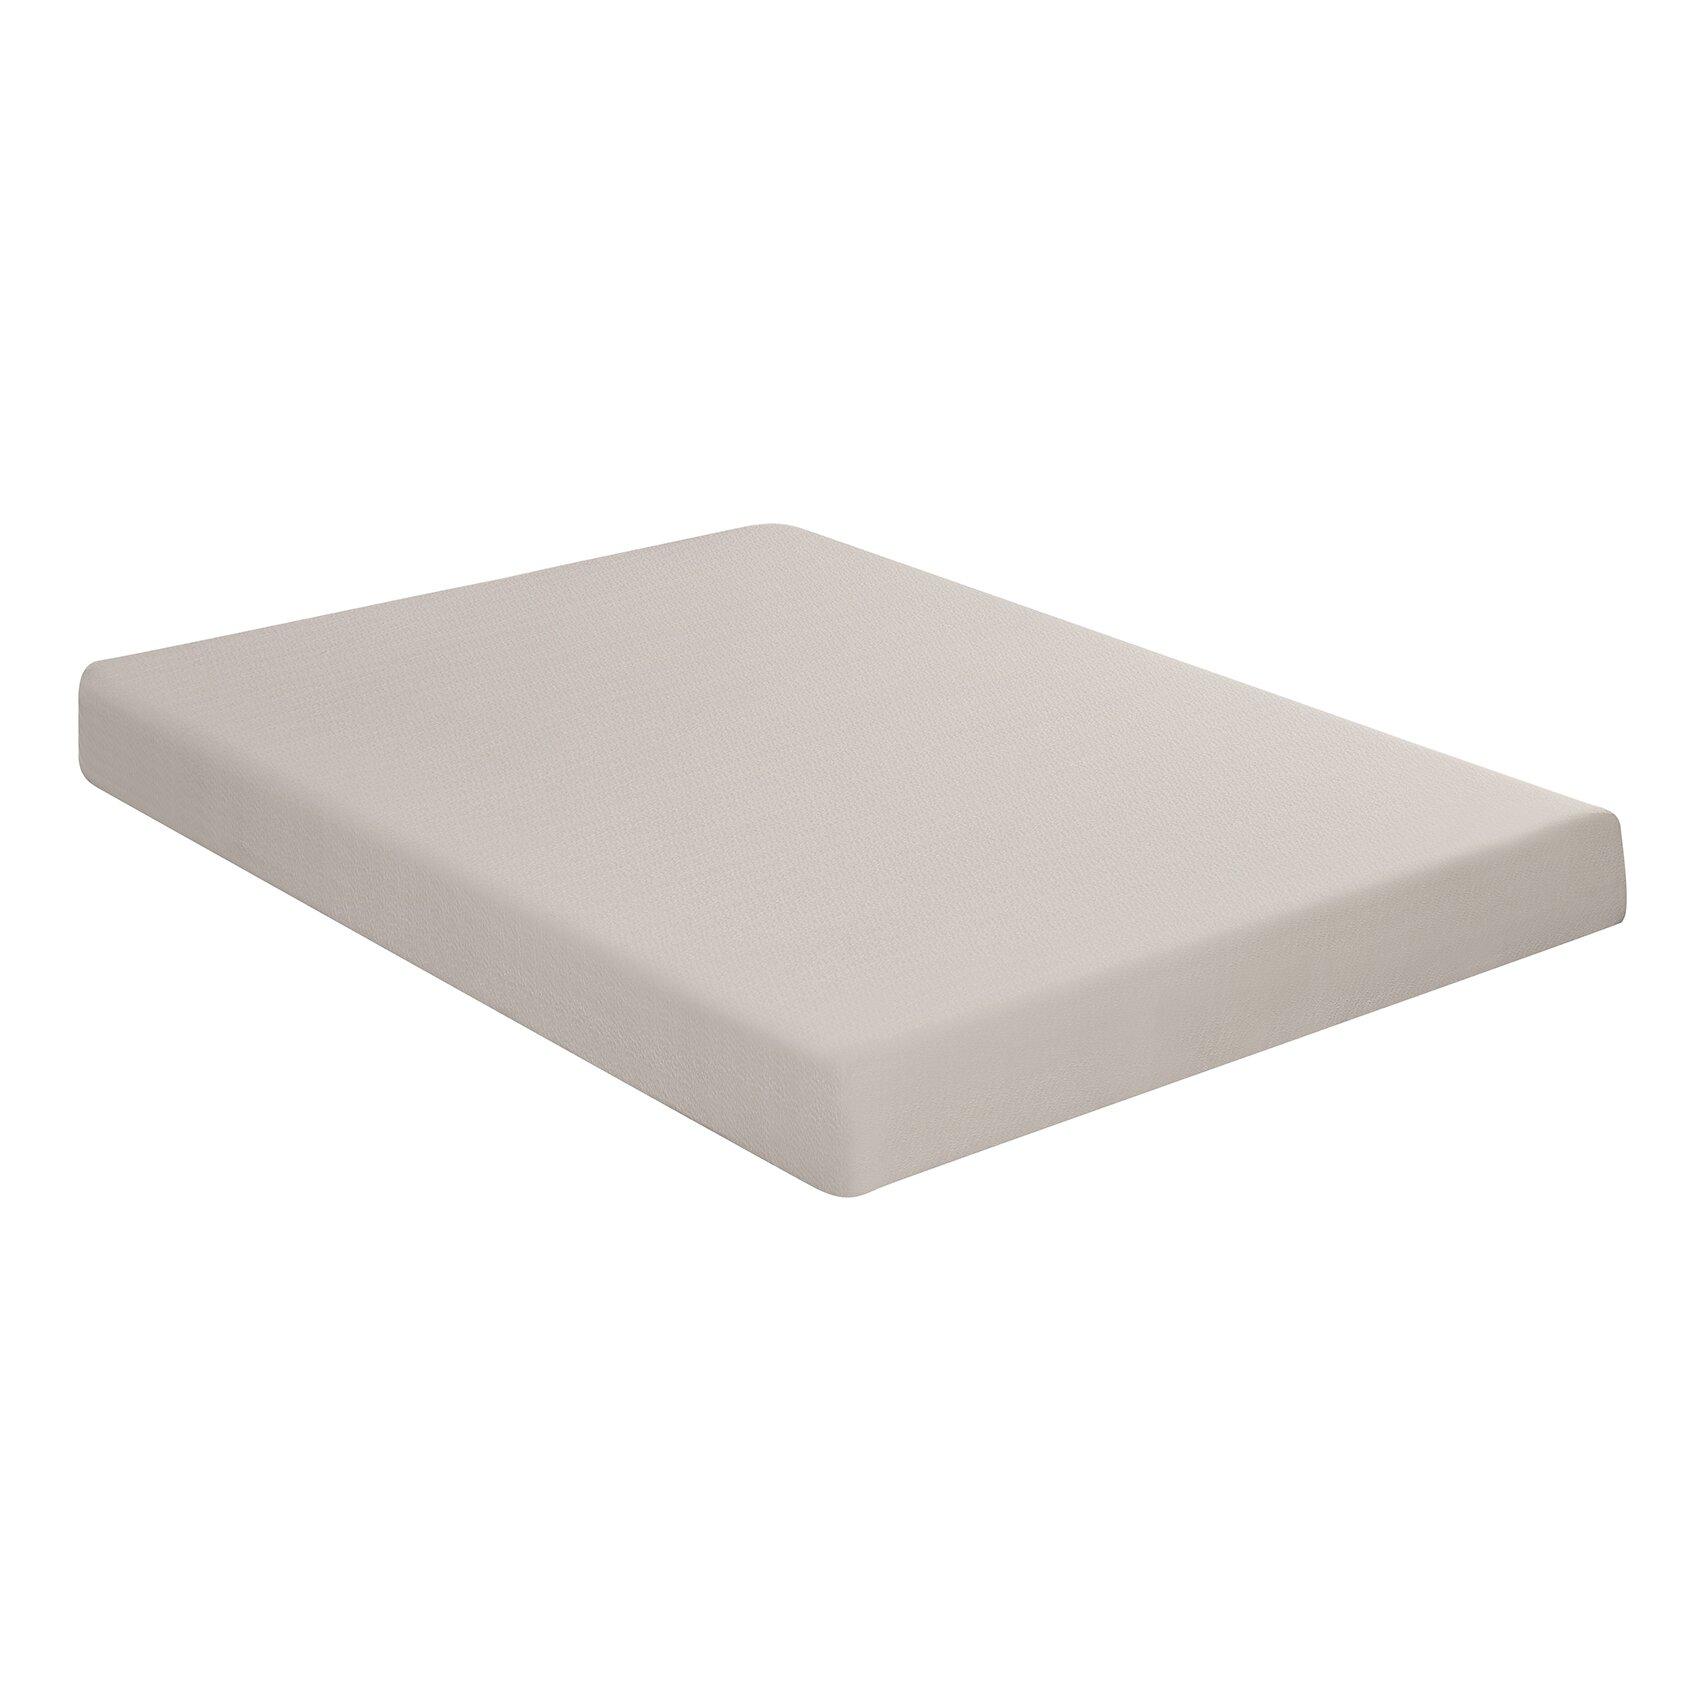 Signature Sleep Memoir 8 Firm Memory Foam Mattress Reviews